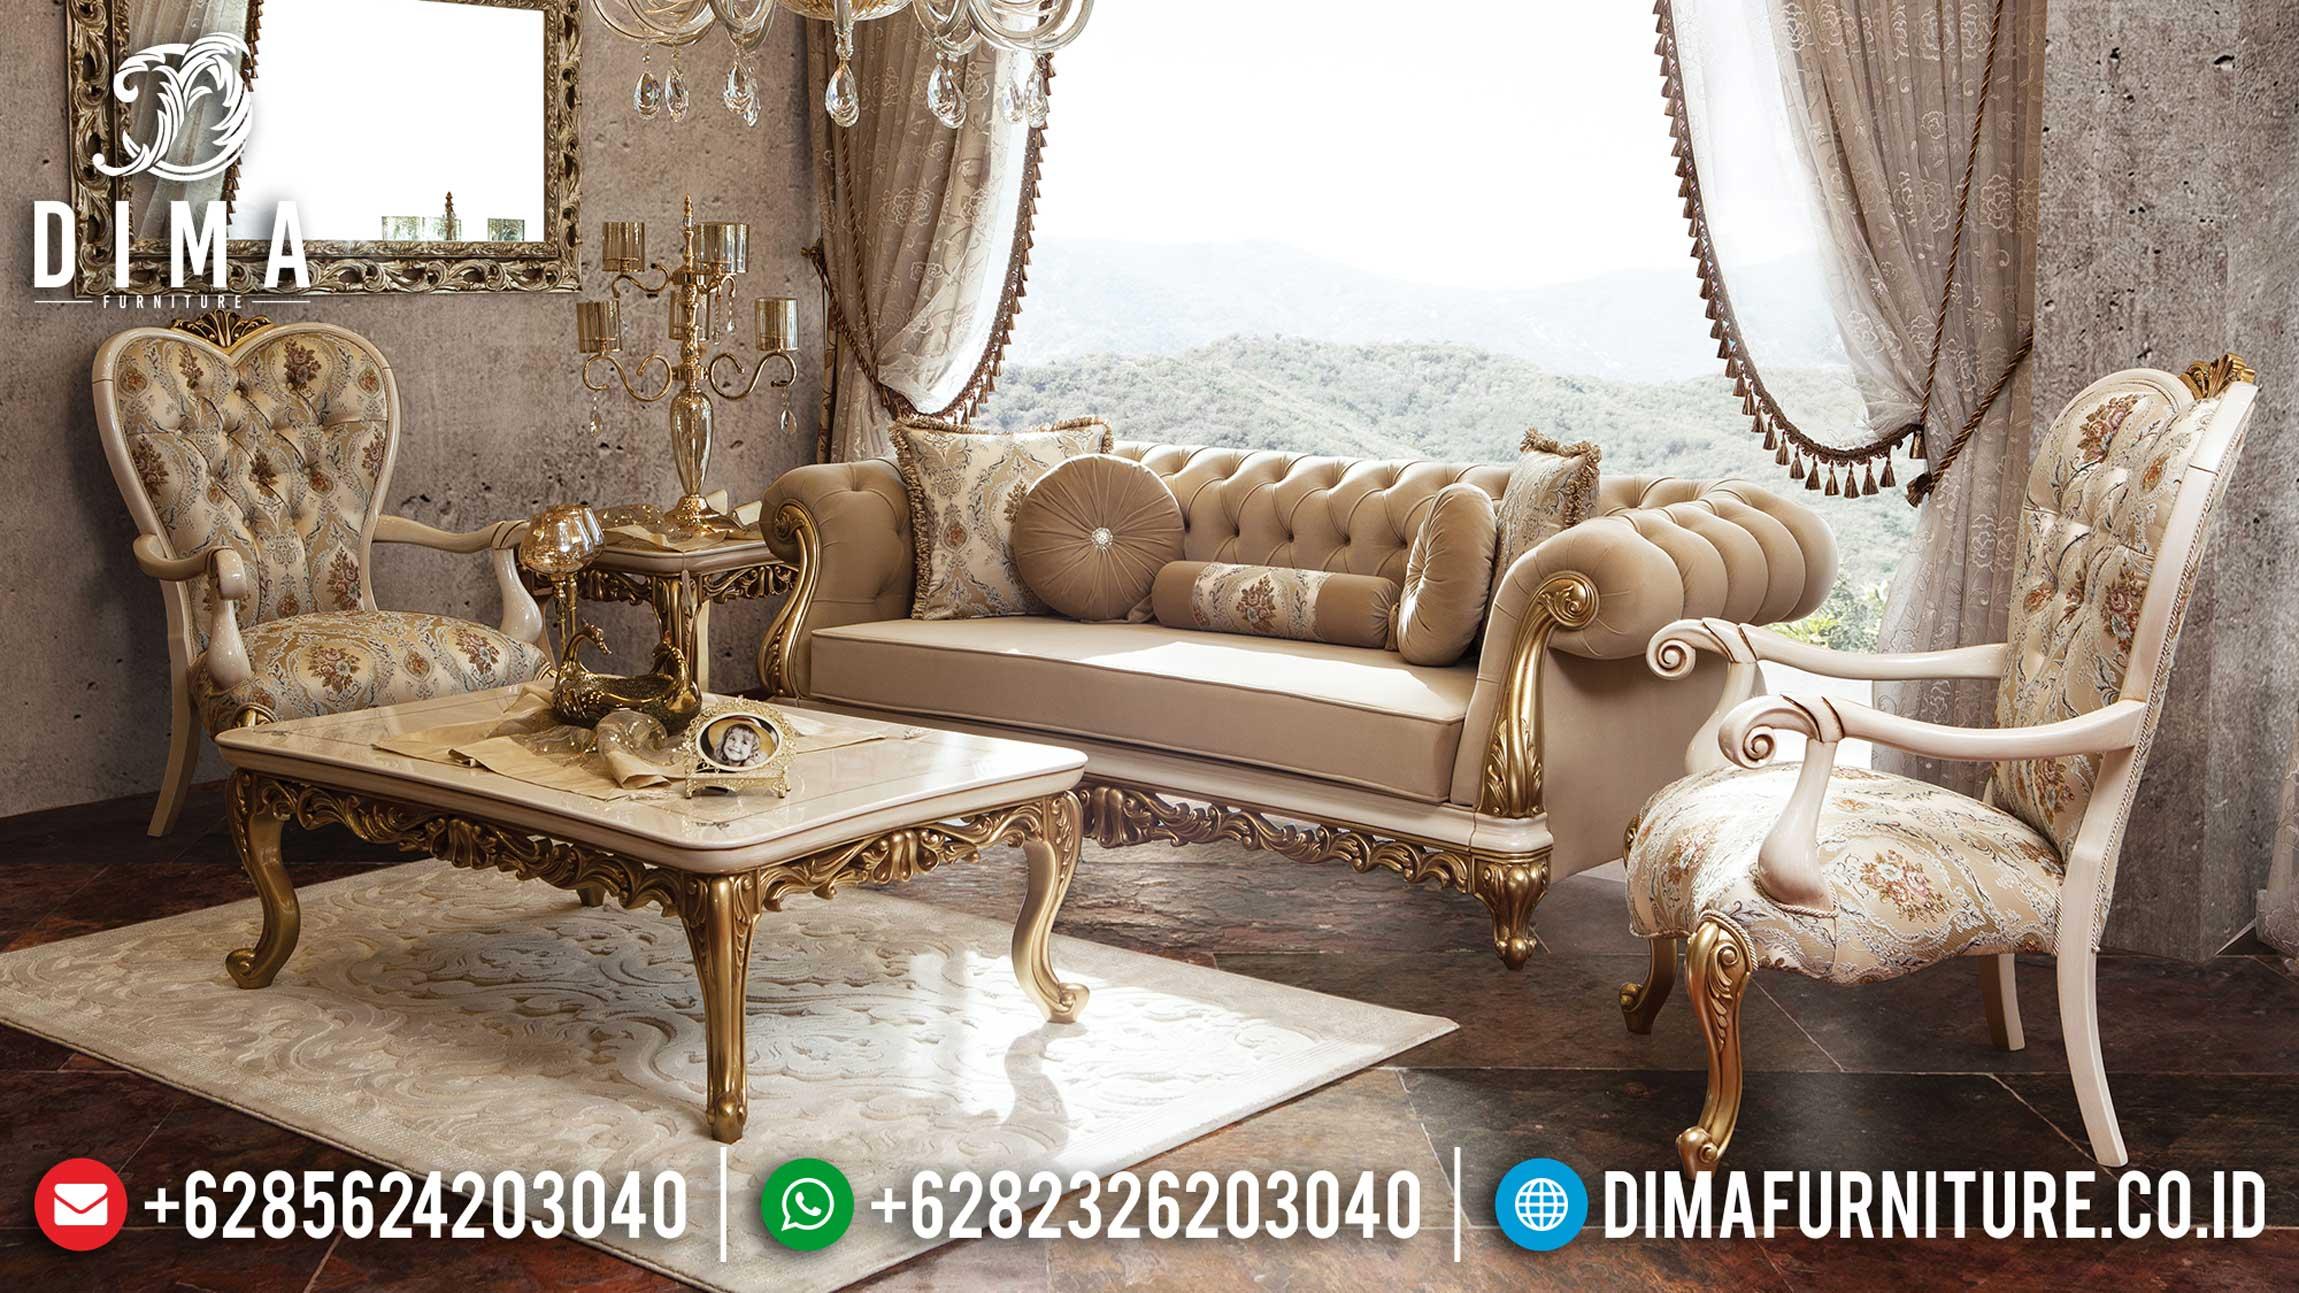 Model Sofa Tamu Jepara Mewah Luxury Carving Best Product Mebel Jepara Terkini TTJ-1208